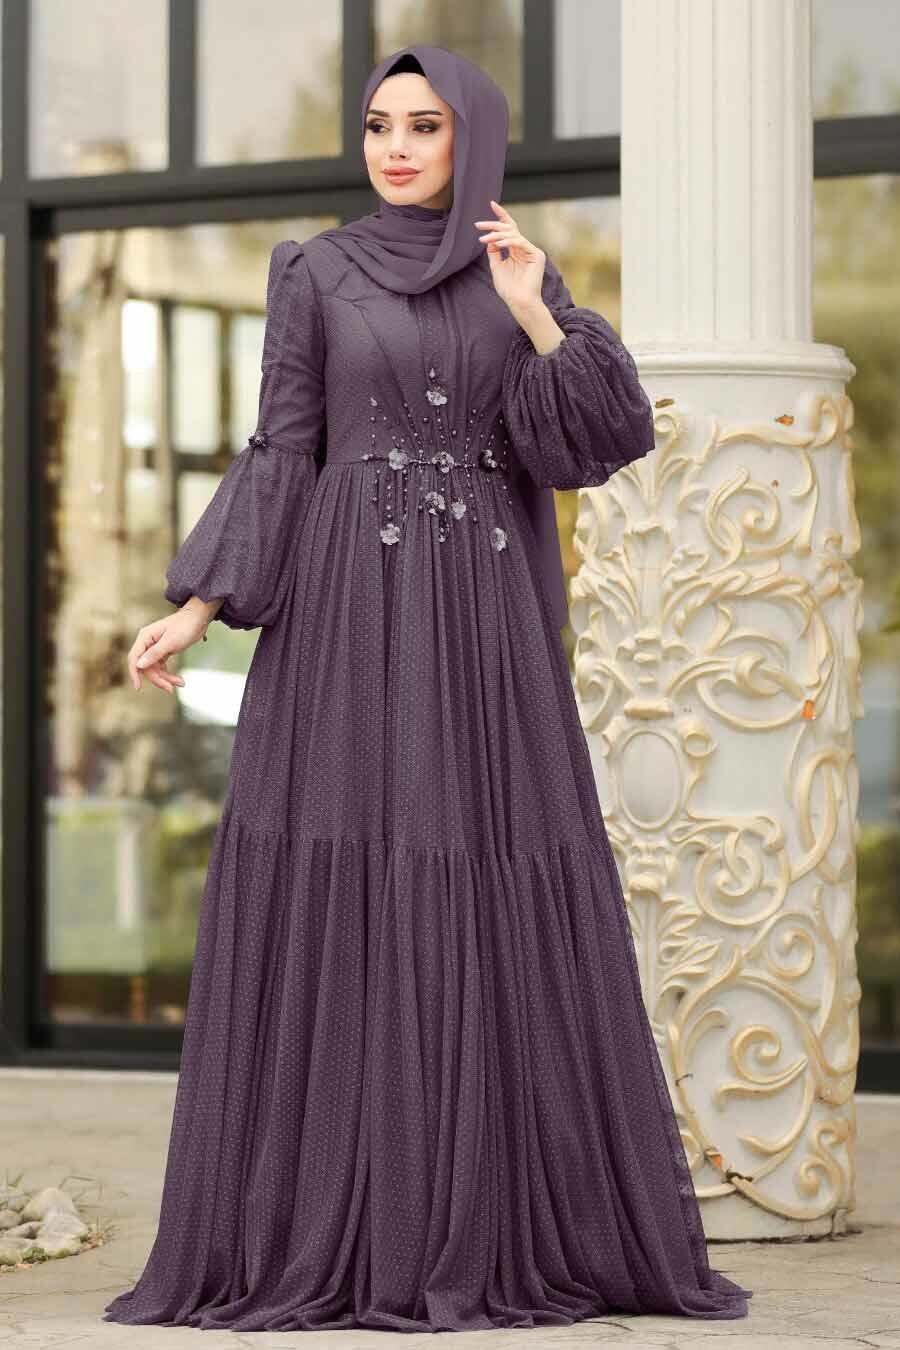 Tesettürlü Abiye Elbise - Balon Kollu Koyu Gül Kurusu Tesettür Abiye Elbise 38940KGK